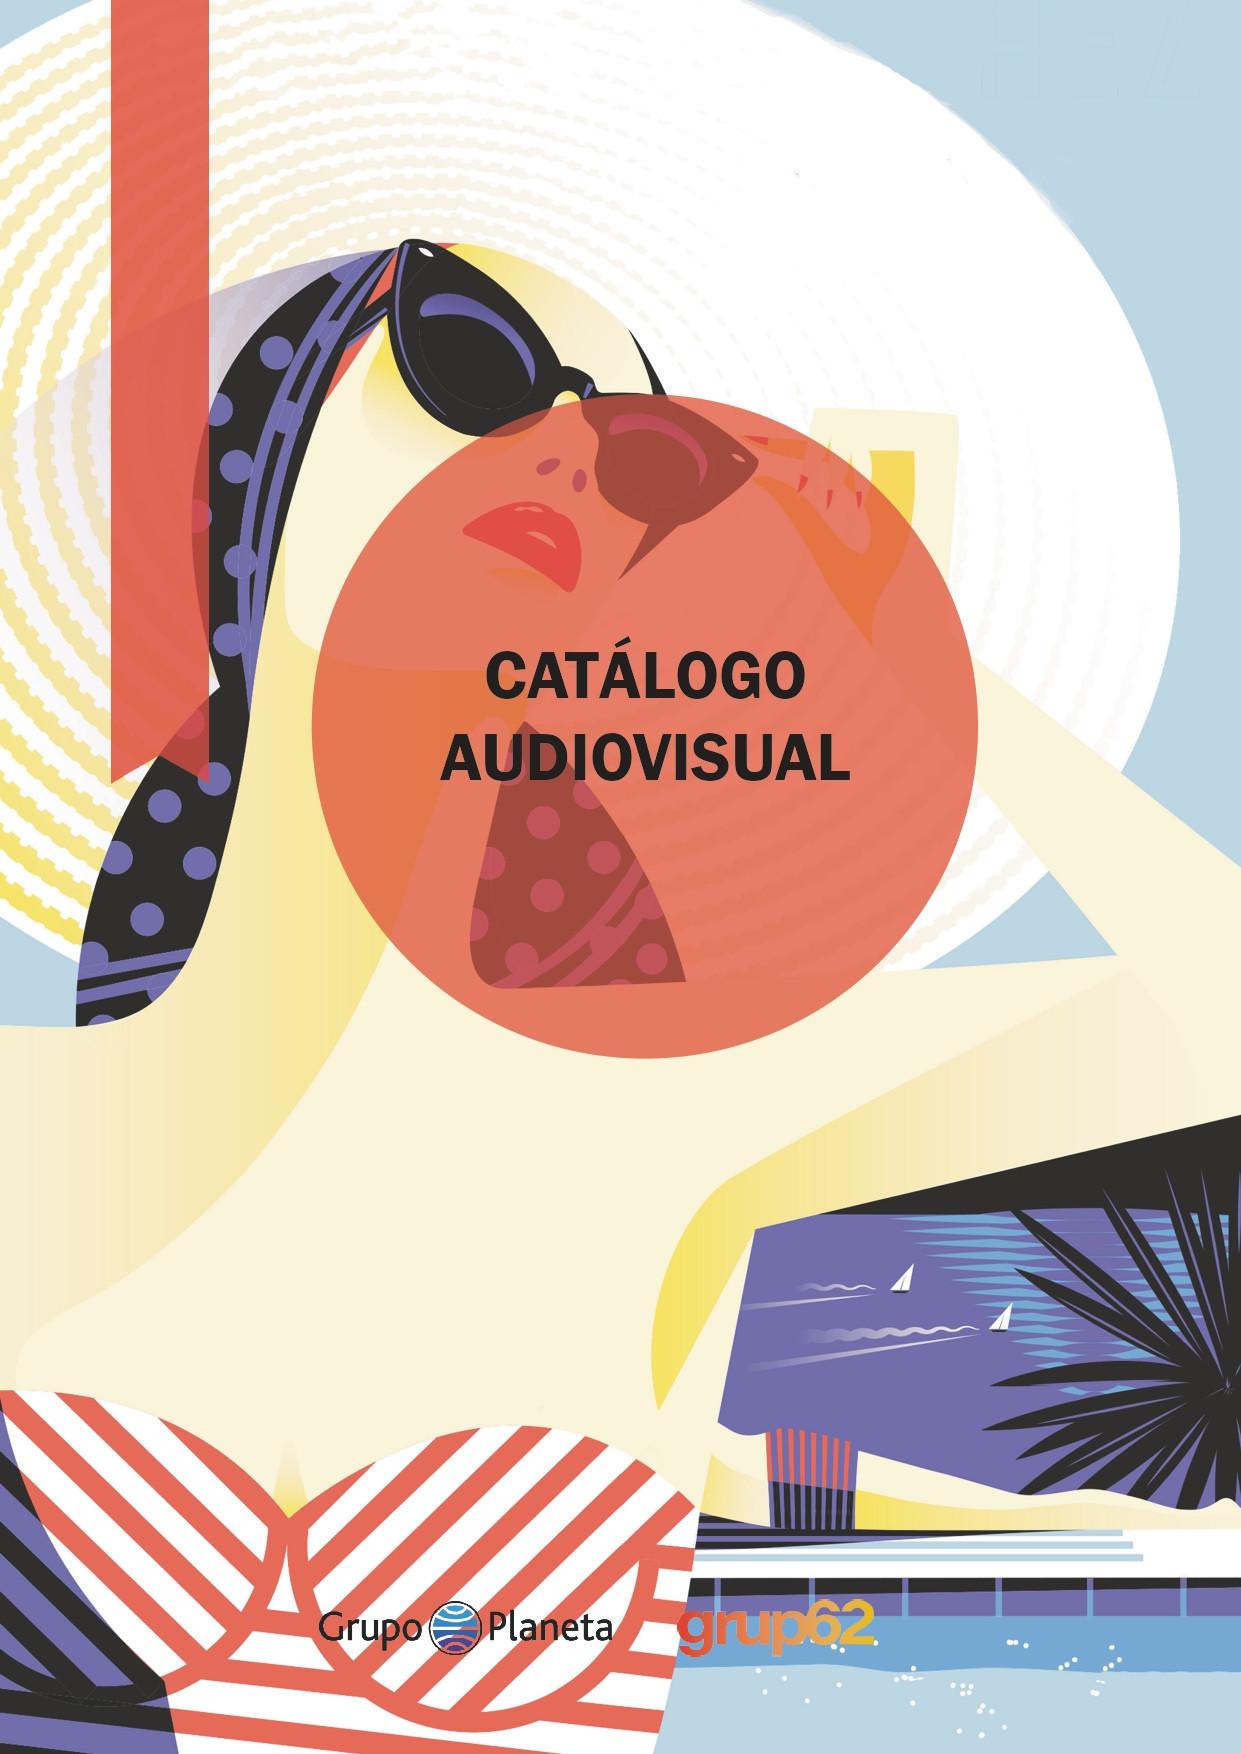 Mayo 2021 - Audiovisual catalogue